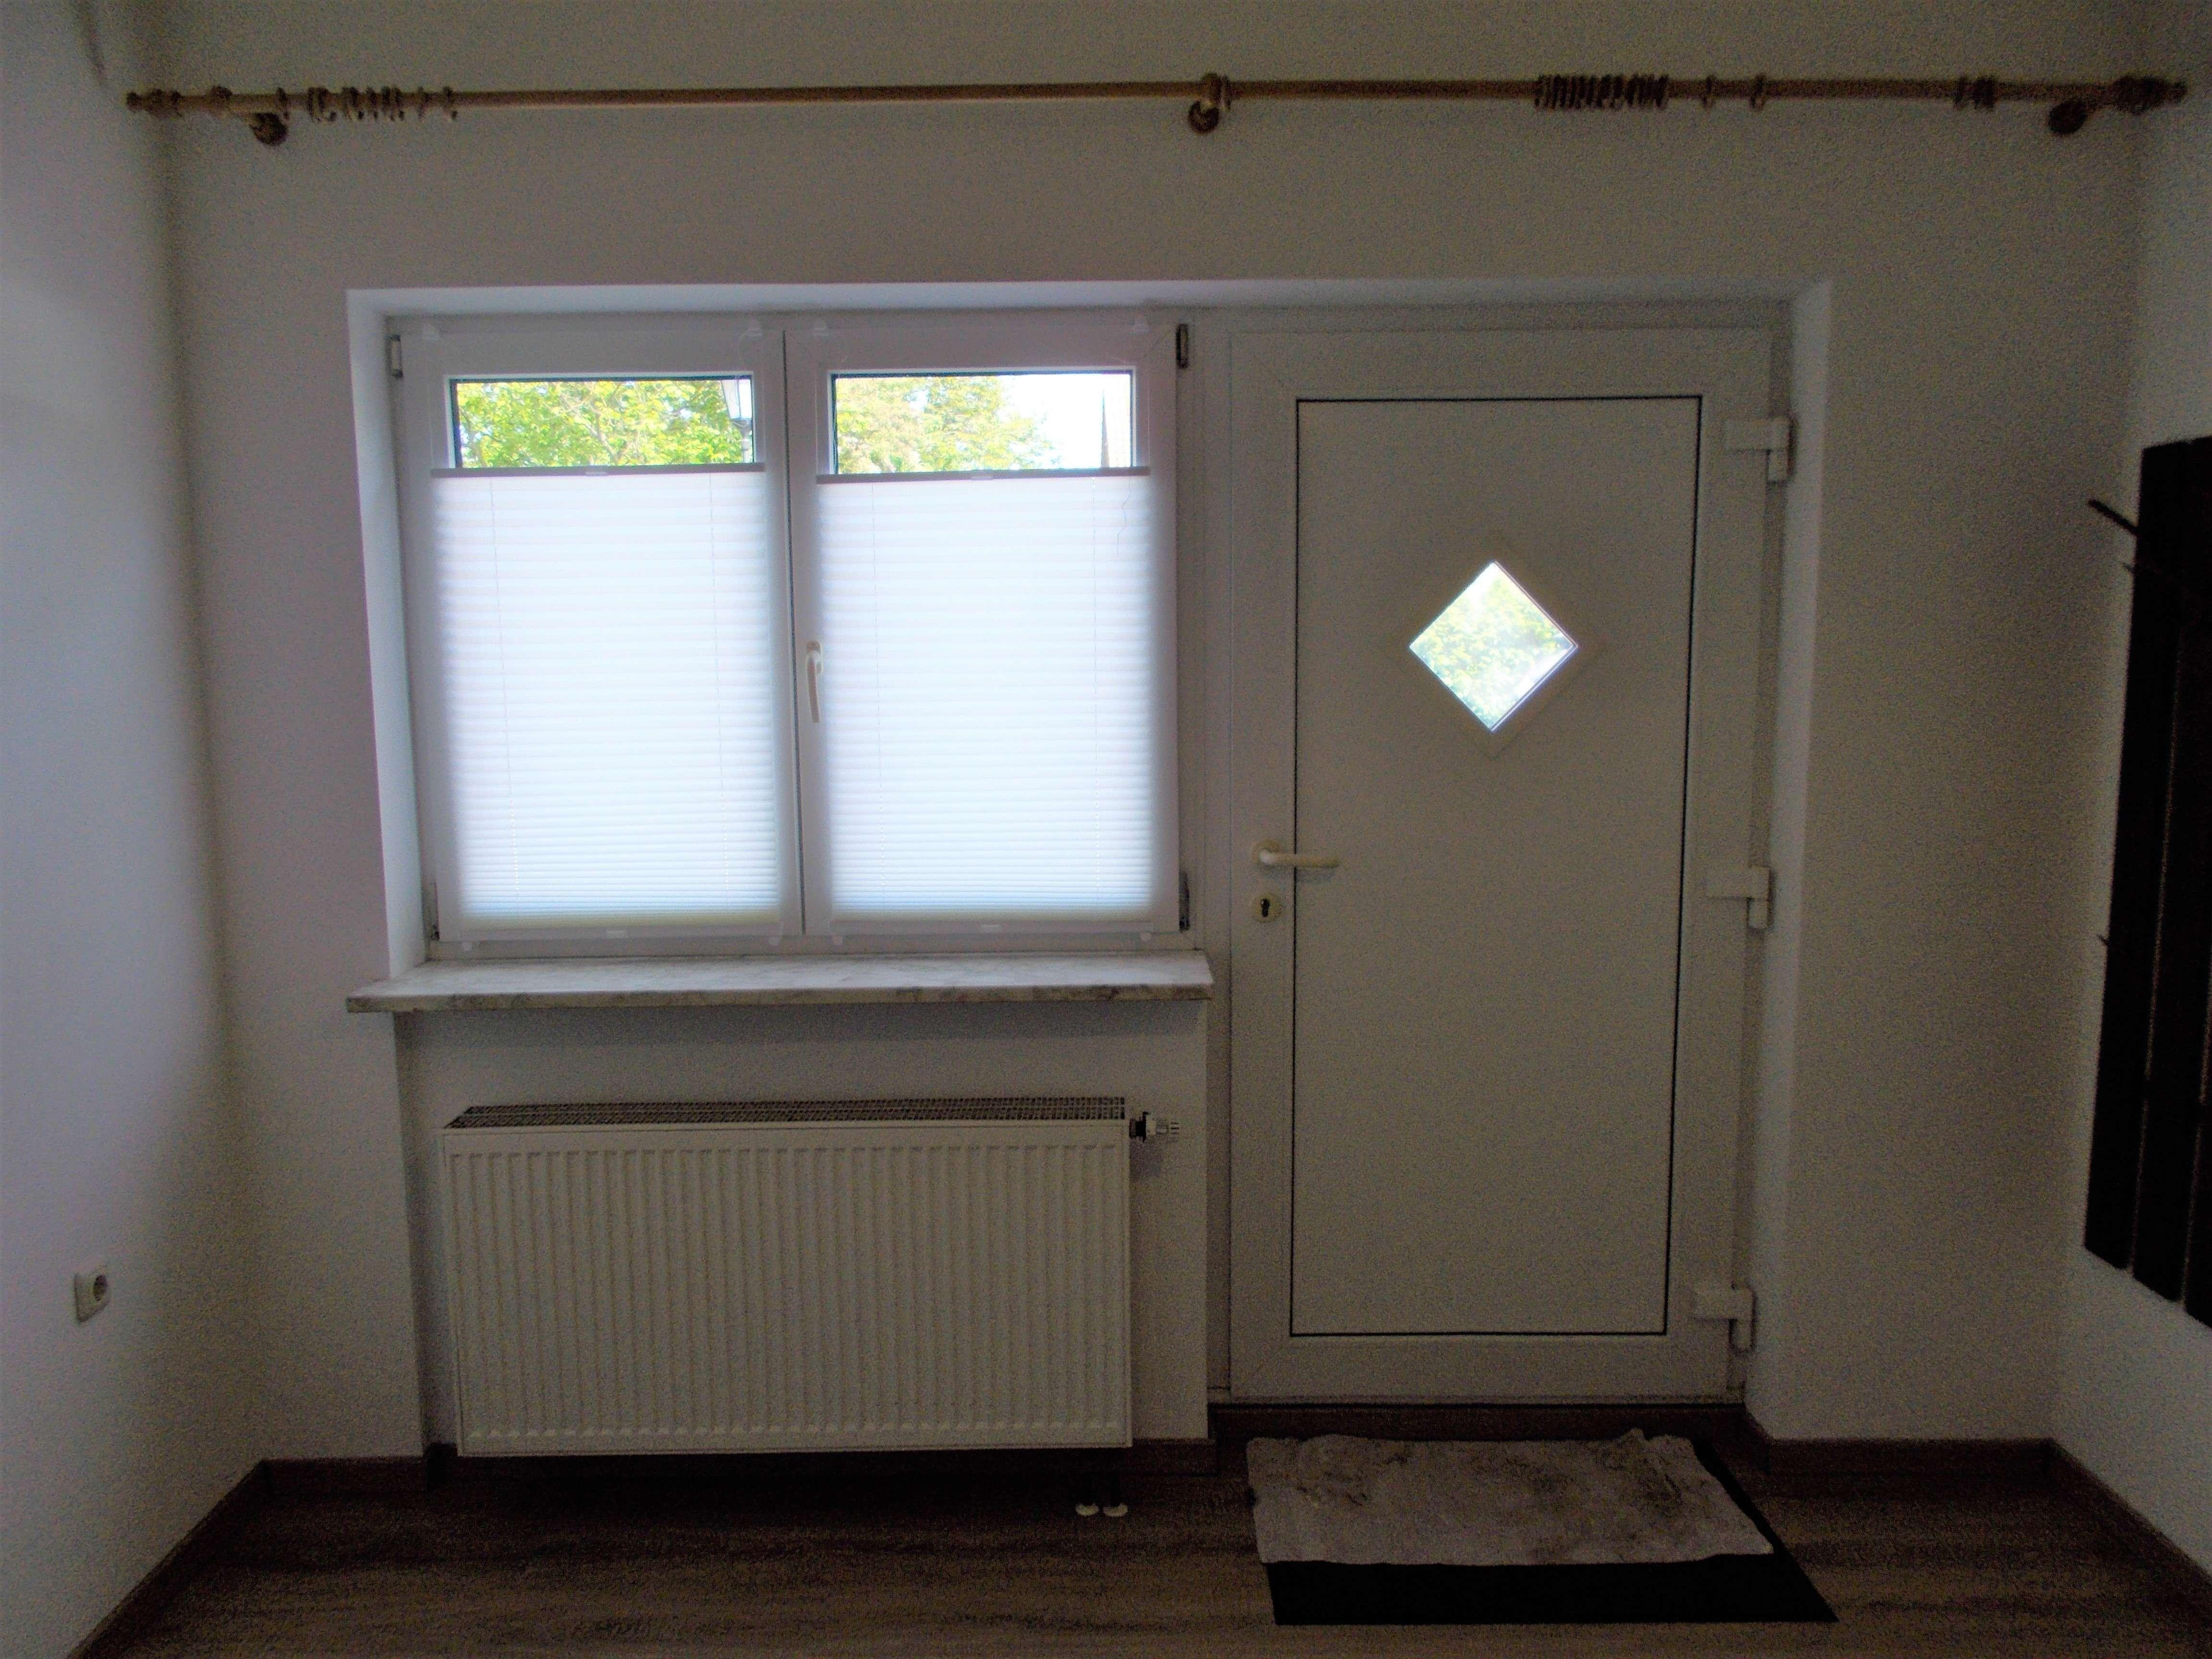 Für Wochenendheimfahrer (m/w), renovierte 1-Zimmer-Wohnung mit Einbauküche in Haar-Ottendichl